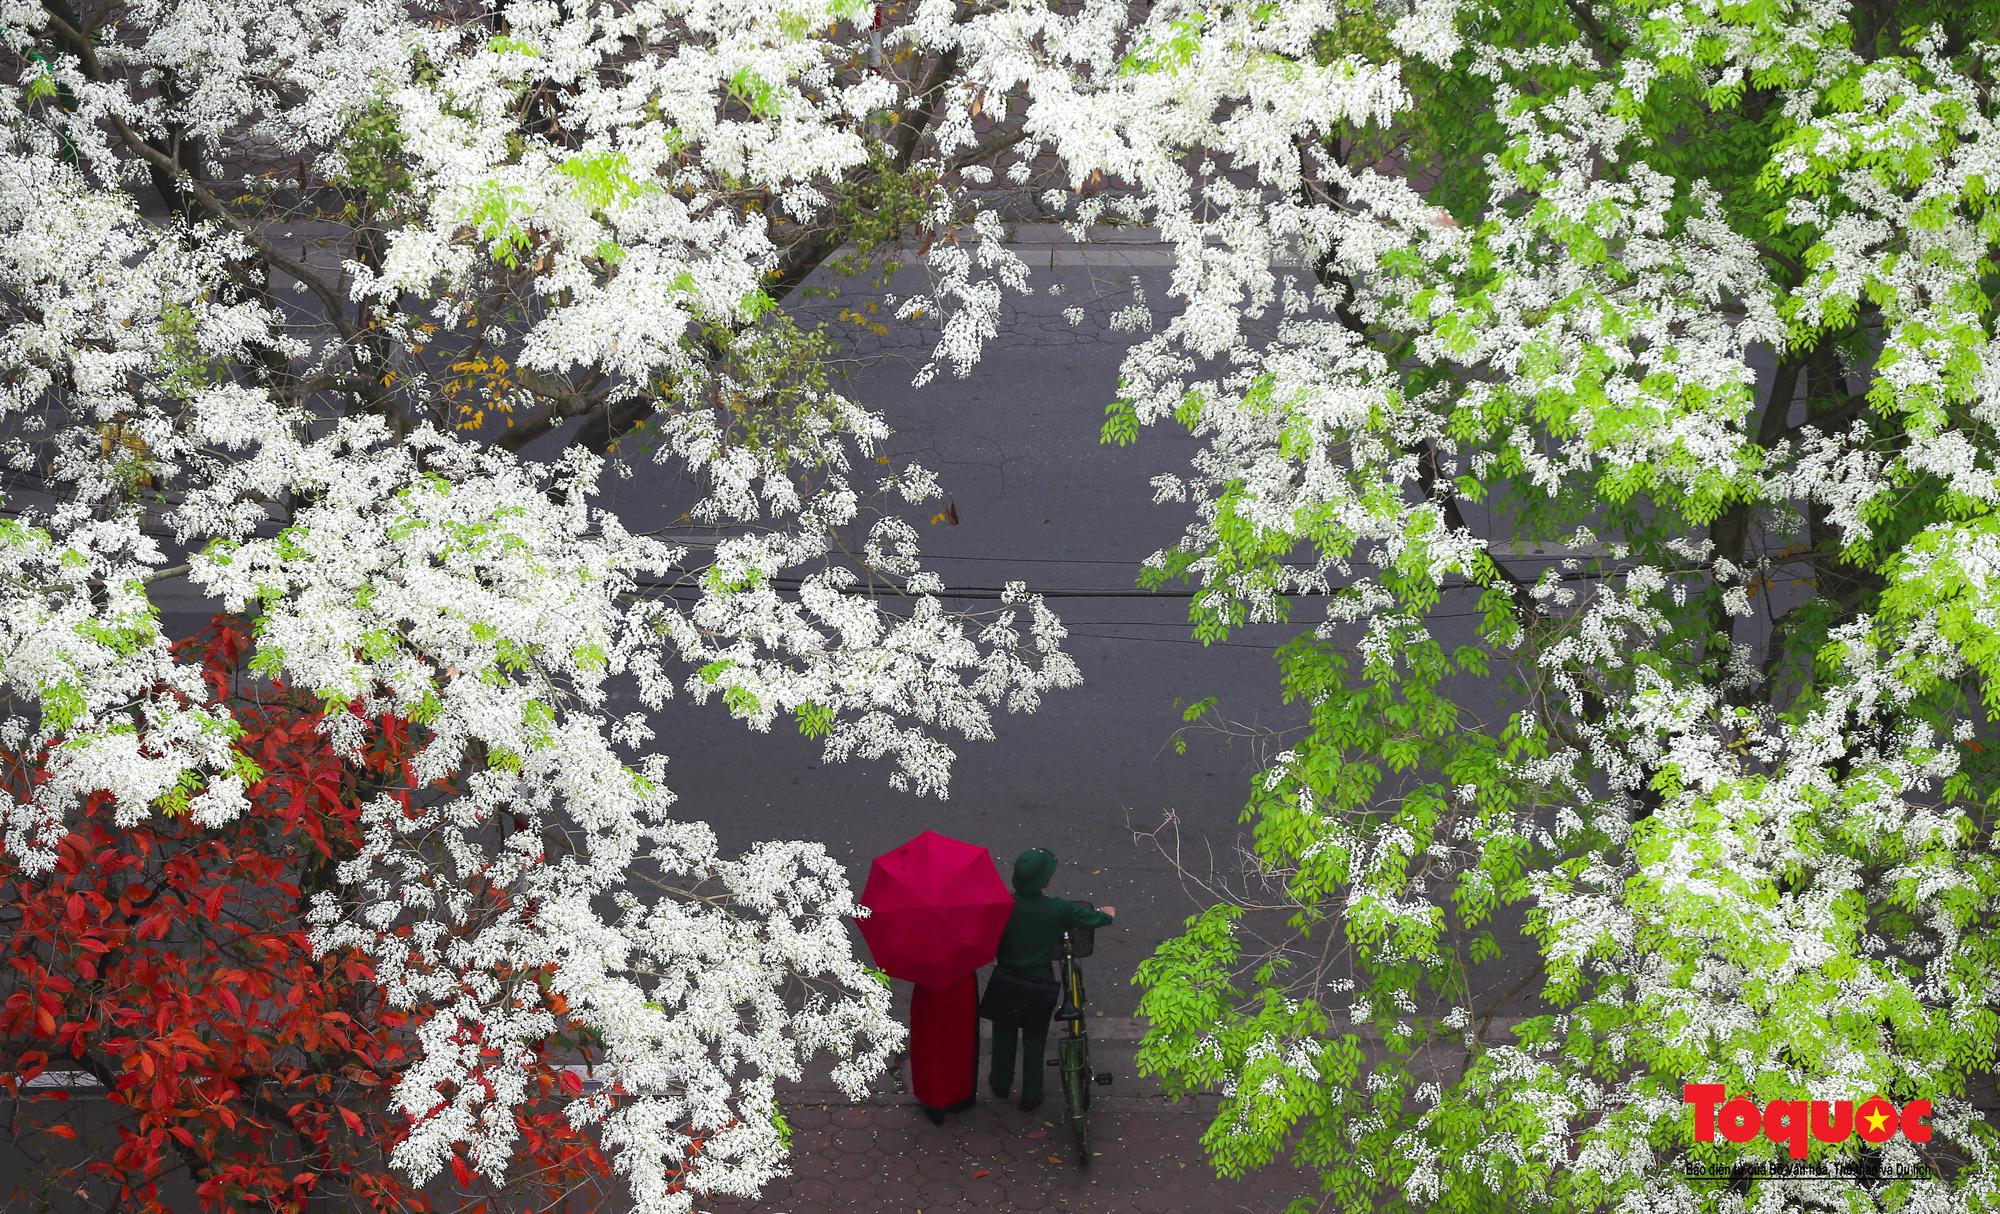 Hà Nội: Tháng ba bất chợt một ngày, trắng tinh hoa Sưa về đây - Ảnh 7.